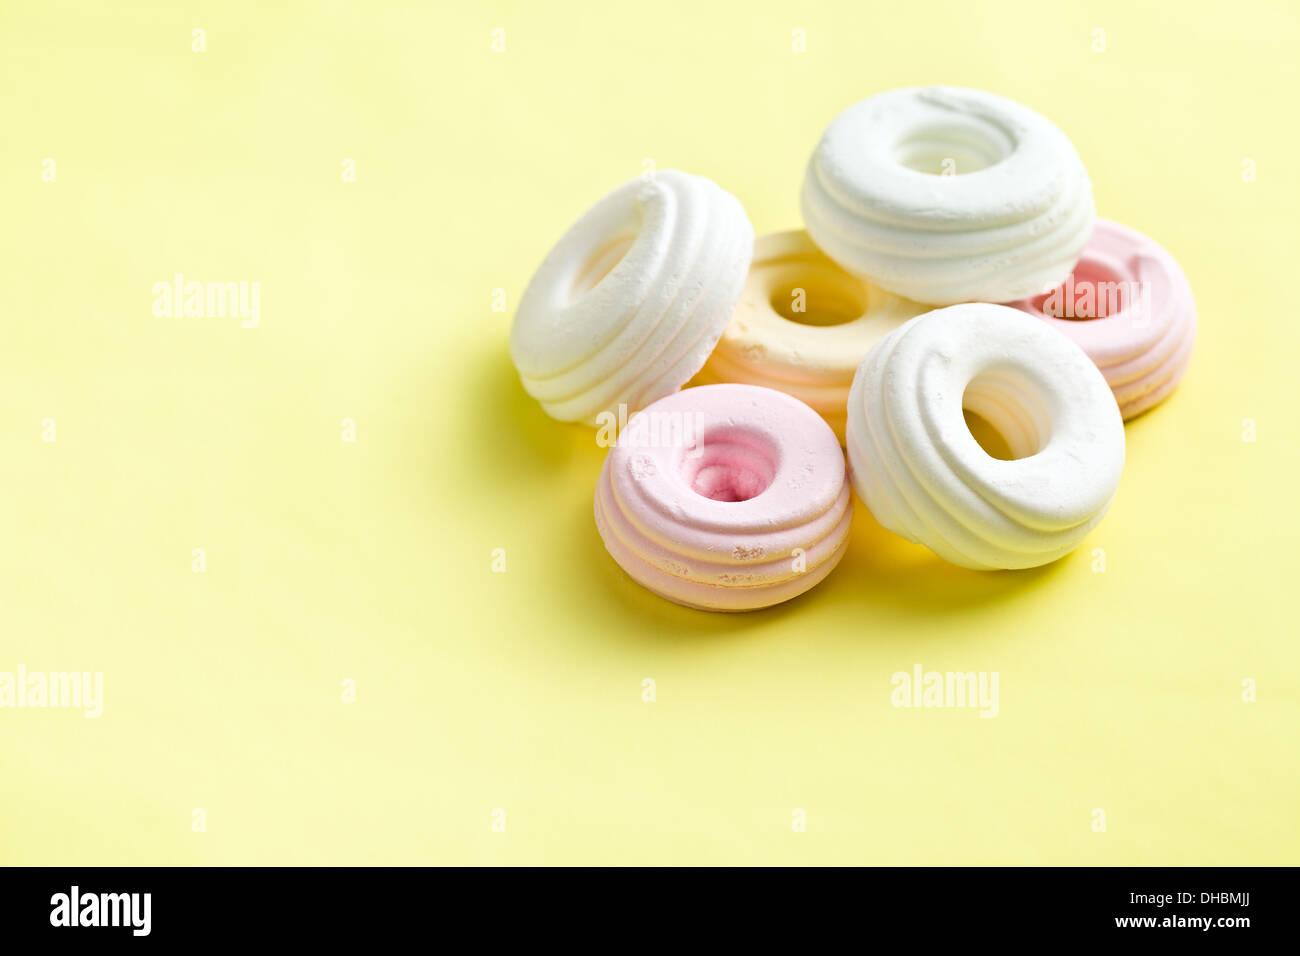 Meringhe colorate su sfondo giallo Immagini Stock